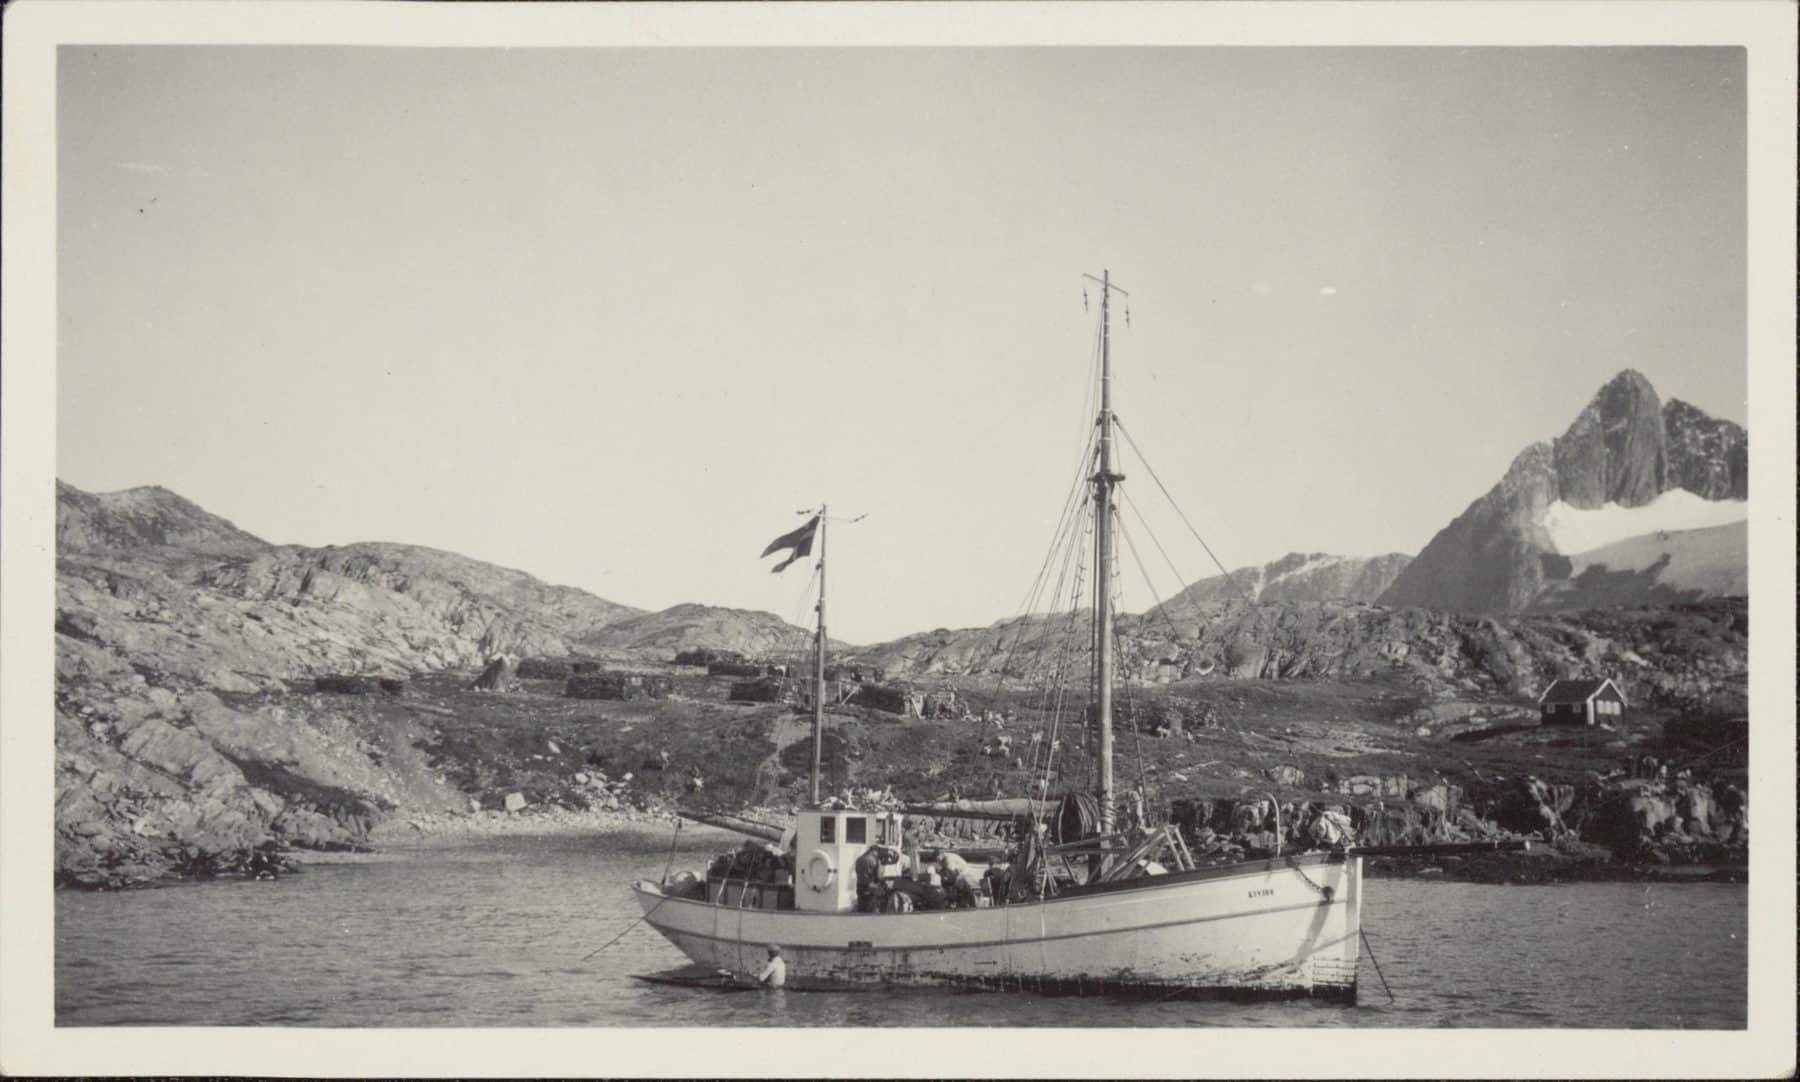 Palo's Brudefærd. Kivioq opankret i fjord. I forgrunden en kajak, i baggrunden fjelde. Ukendt fotograf. Kilde, Nationalmuseet